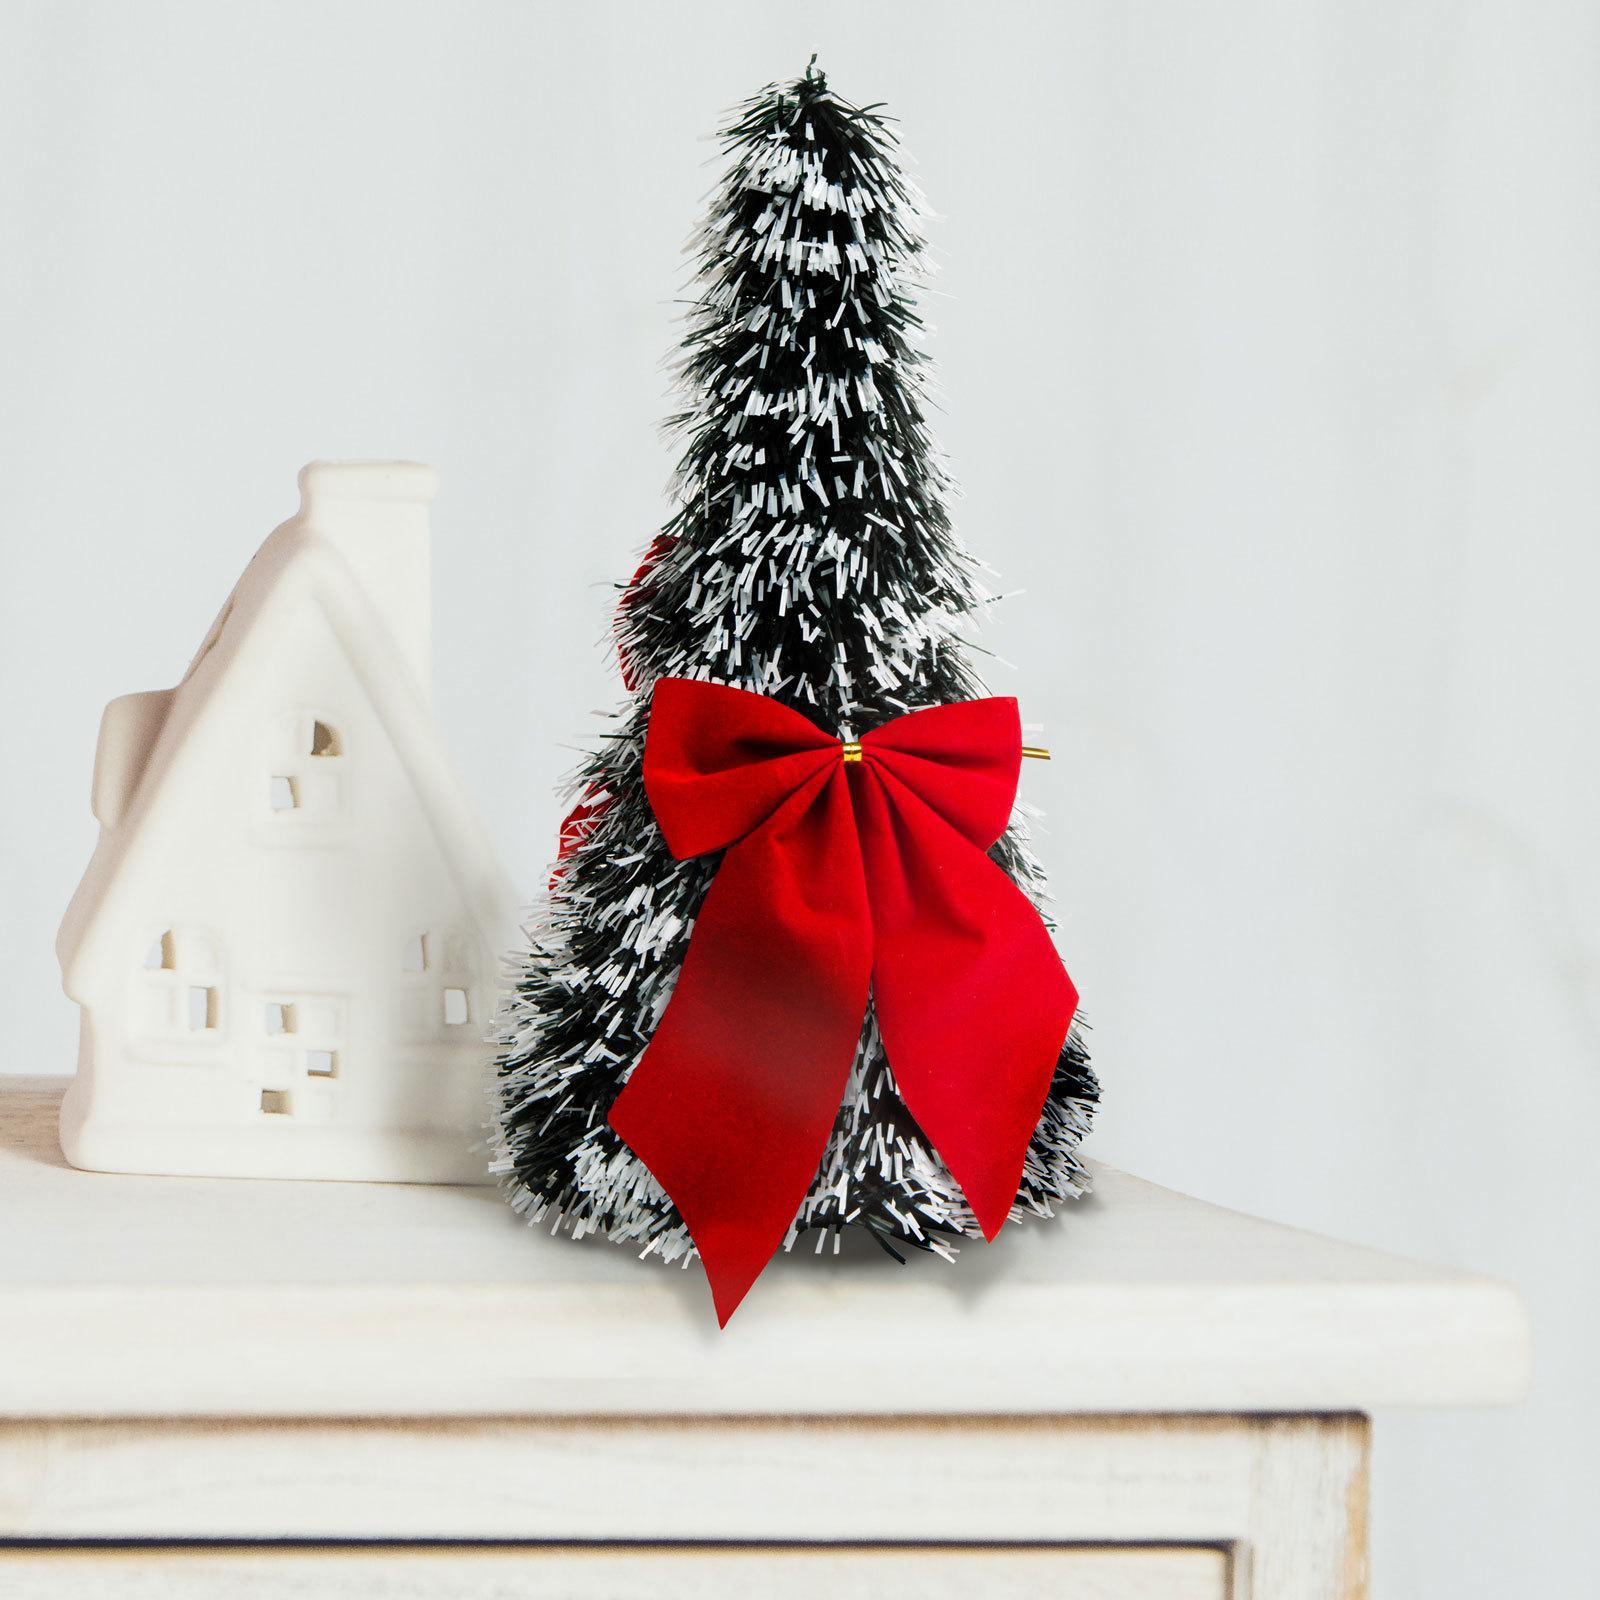 Umelý vianočný strom na stôl - zasnežený - 2 červené mašle - 26 cm